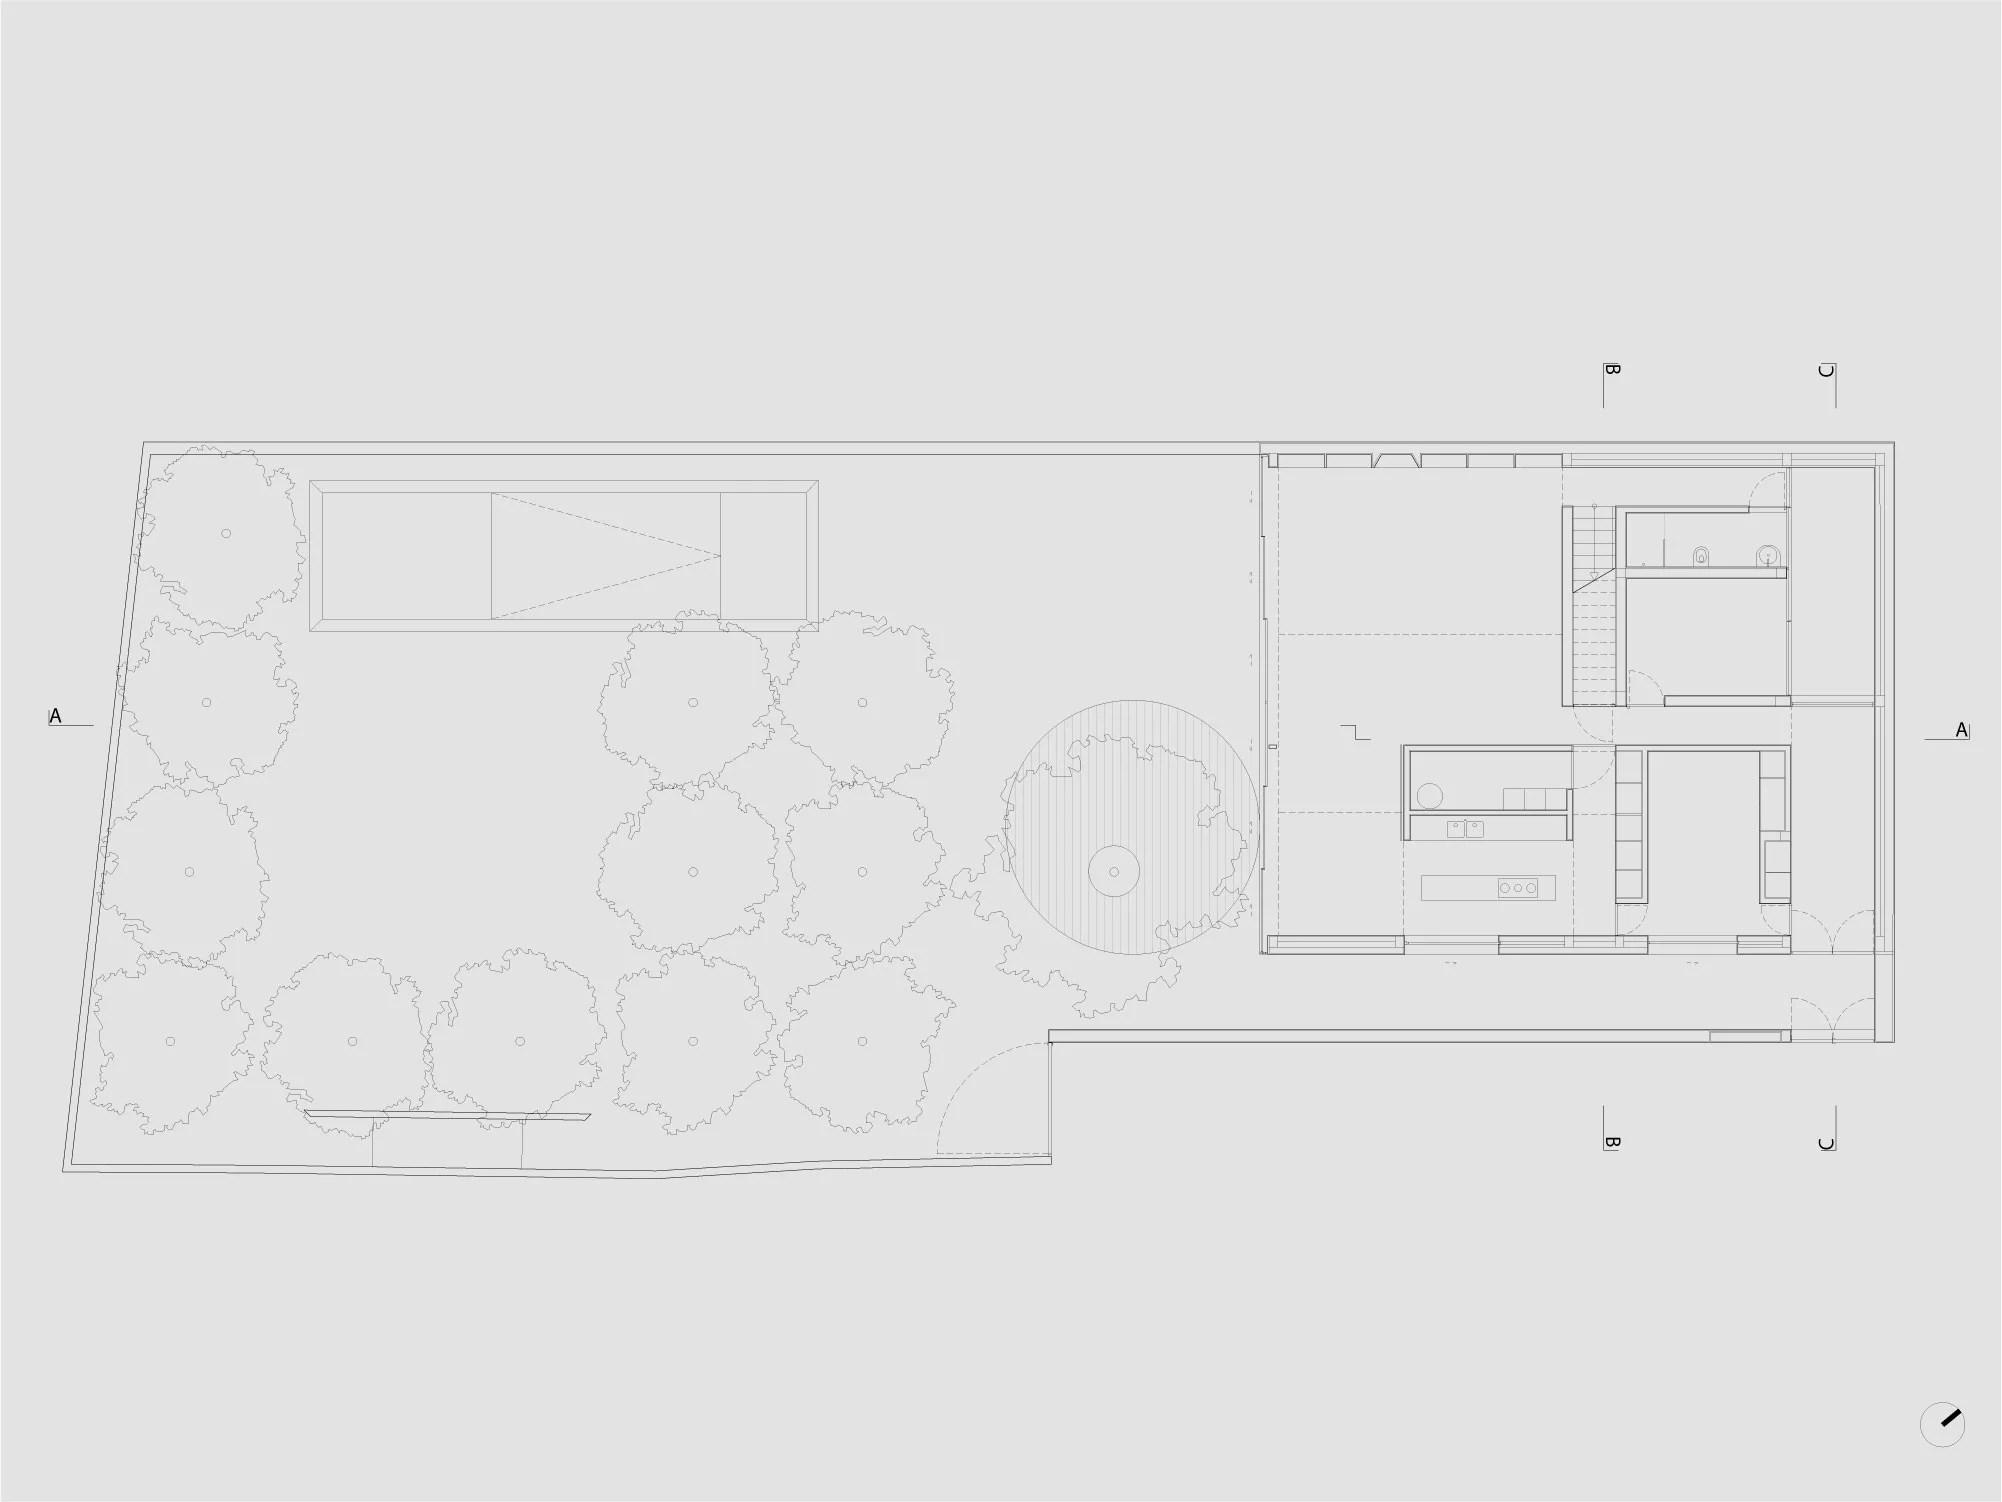 extrastudio, Fernando Guerra / FG+SG · Red House · Divisare